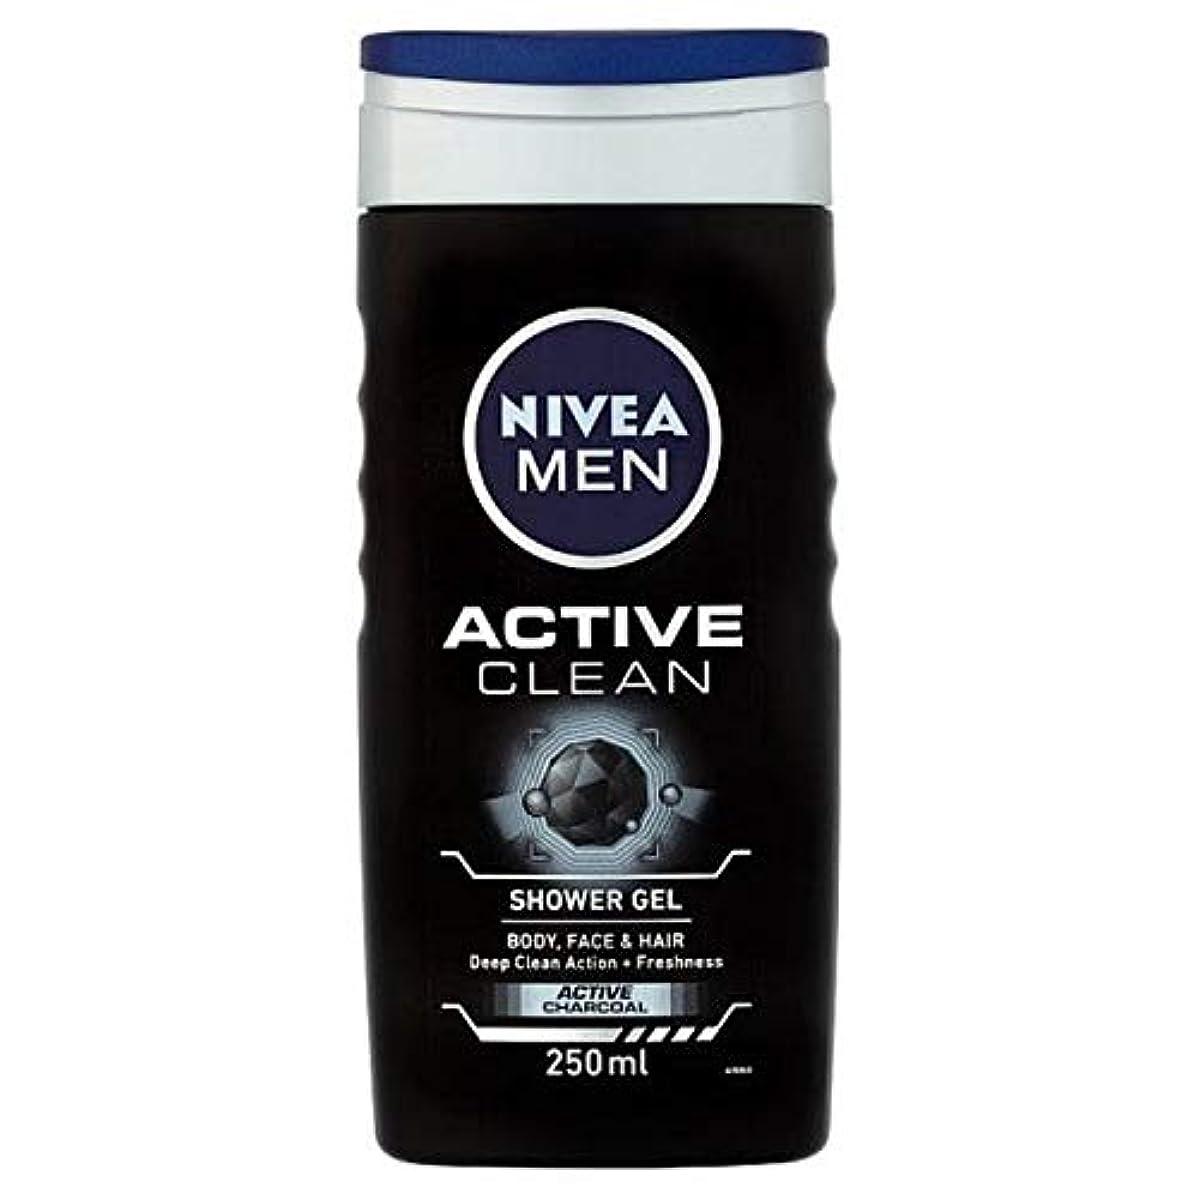 文芸スポークスマン論争[Nivea ] ニベア男性用シャワージェル、炭との活発なきれいな、250ミリリットル - NIVEA Men Shower Gel, Active Clean with Charcoal, 250ml [並行輸入品]